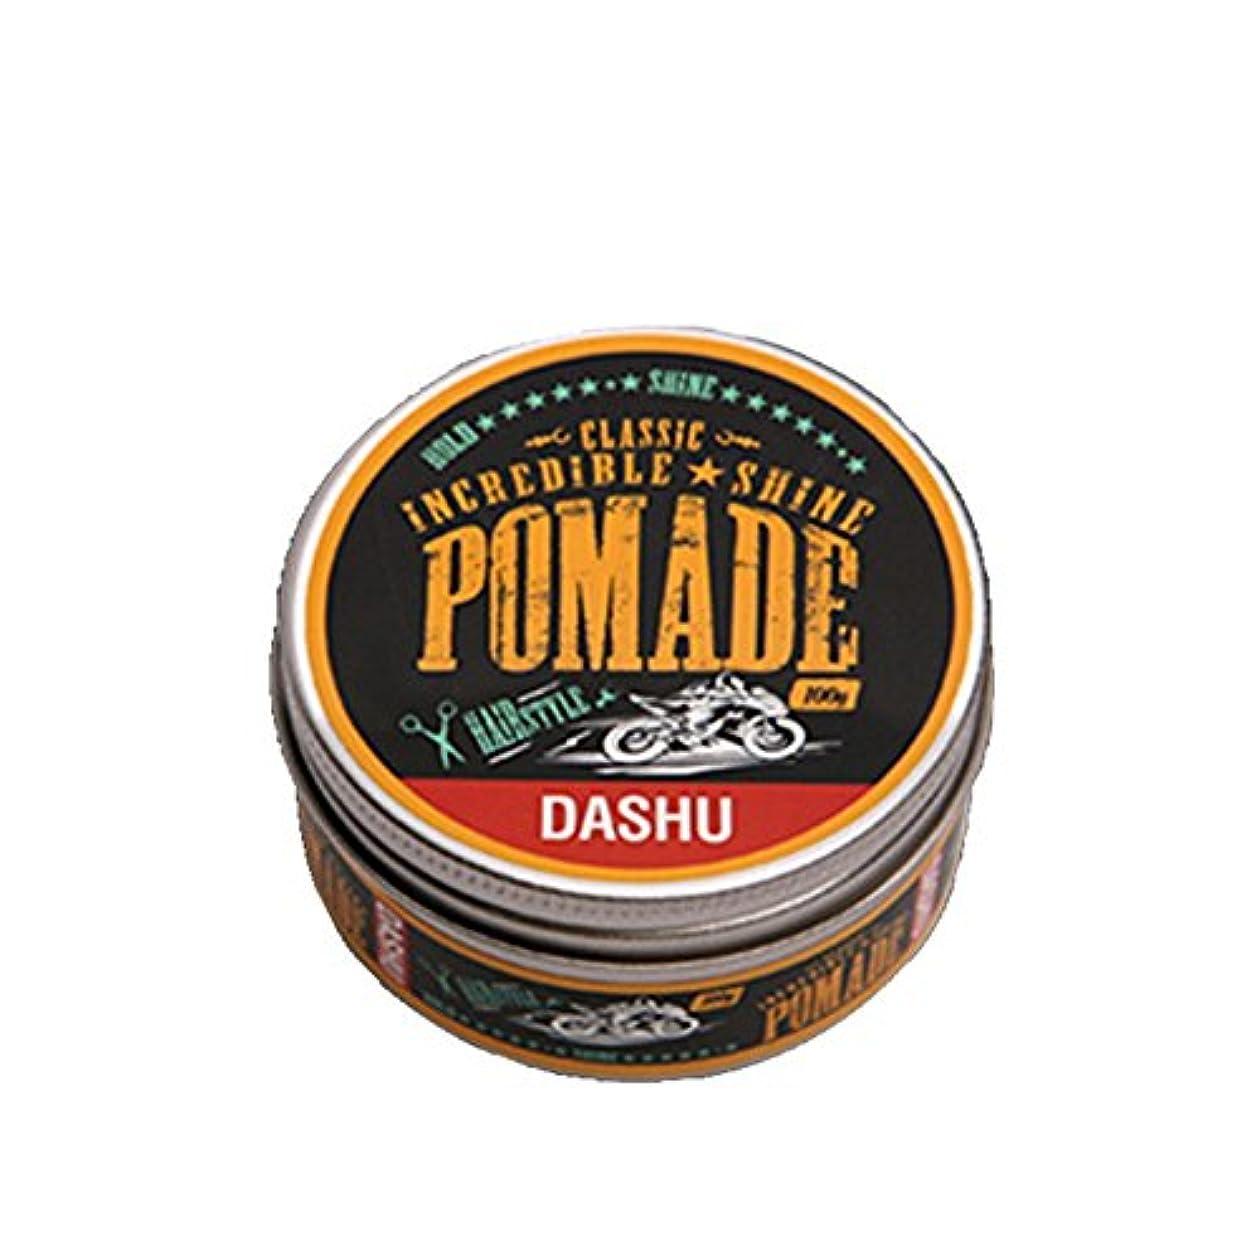 アジア人ボートマトリックス[DASHU] ダシュ クラシック 信じられないほどの輝き ポマードワックス Classic Incredible Shine Pomade Hair Wax 100ml / 韓国製 . 韓国直送品